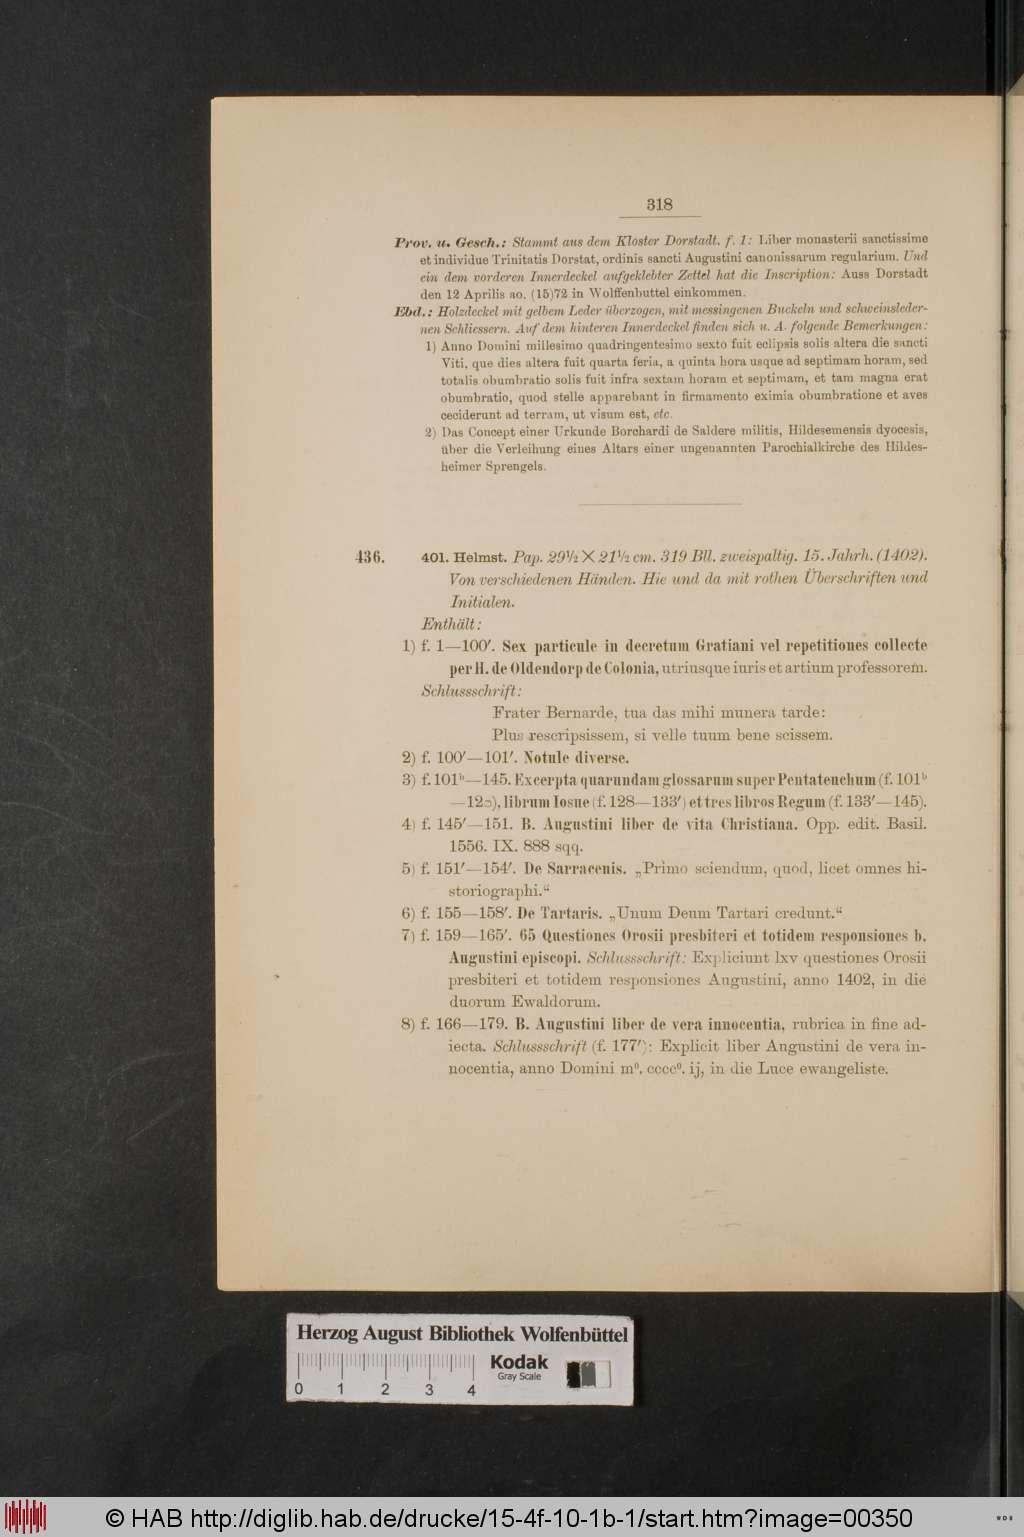 https://diglib.hab.de/drucke/15-4f-10-1b-1/00350.jpg